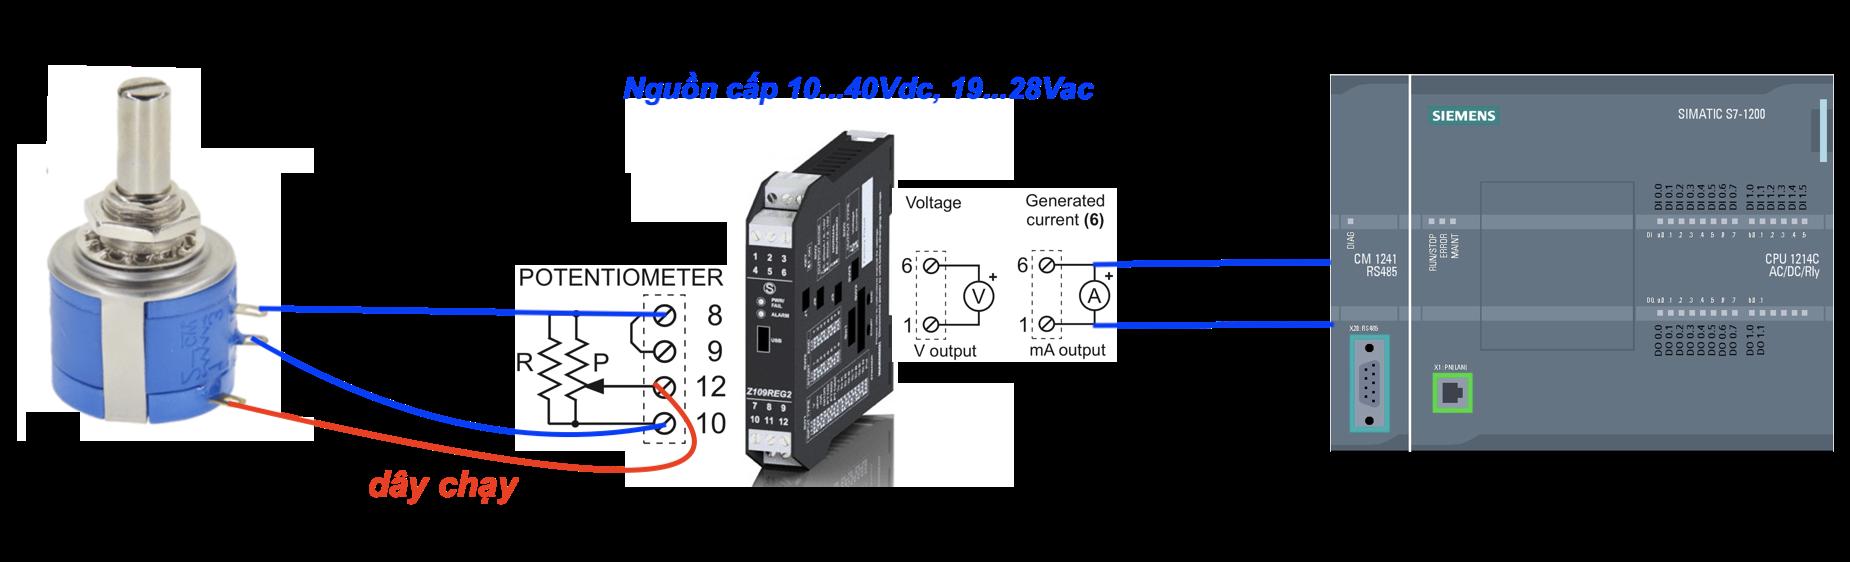 hướng dẩn kết nối biến trở với bộ chuyển đổi Z109REG2-1